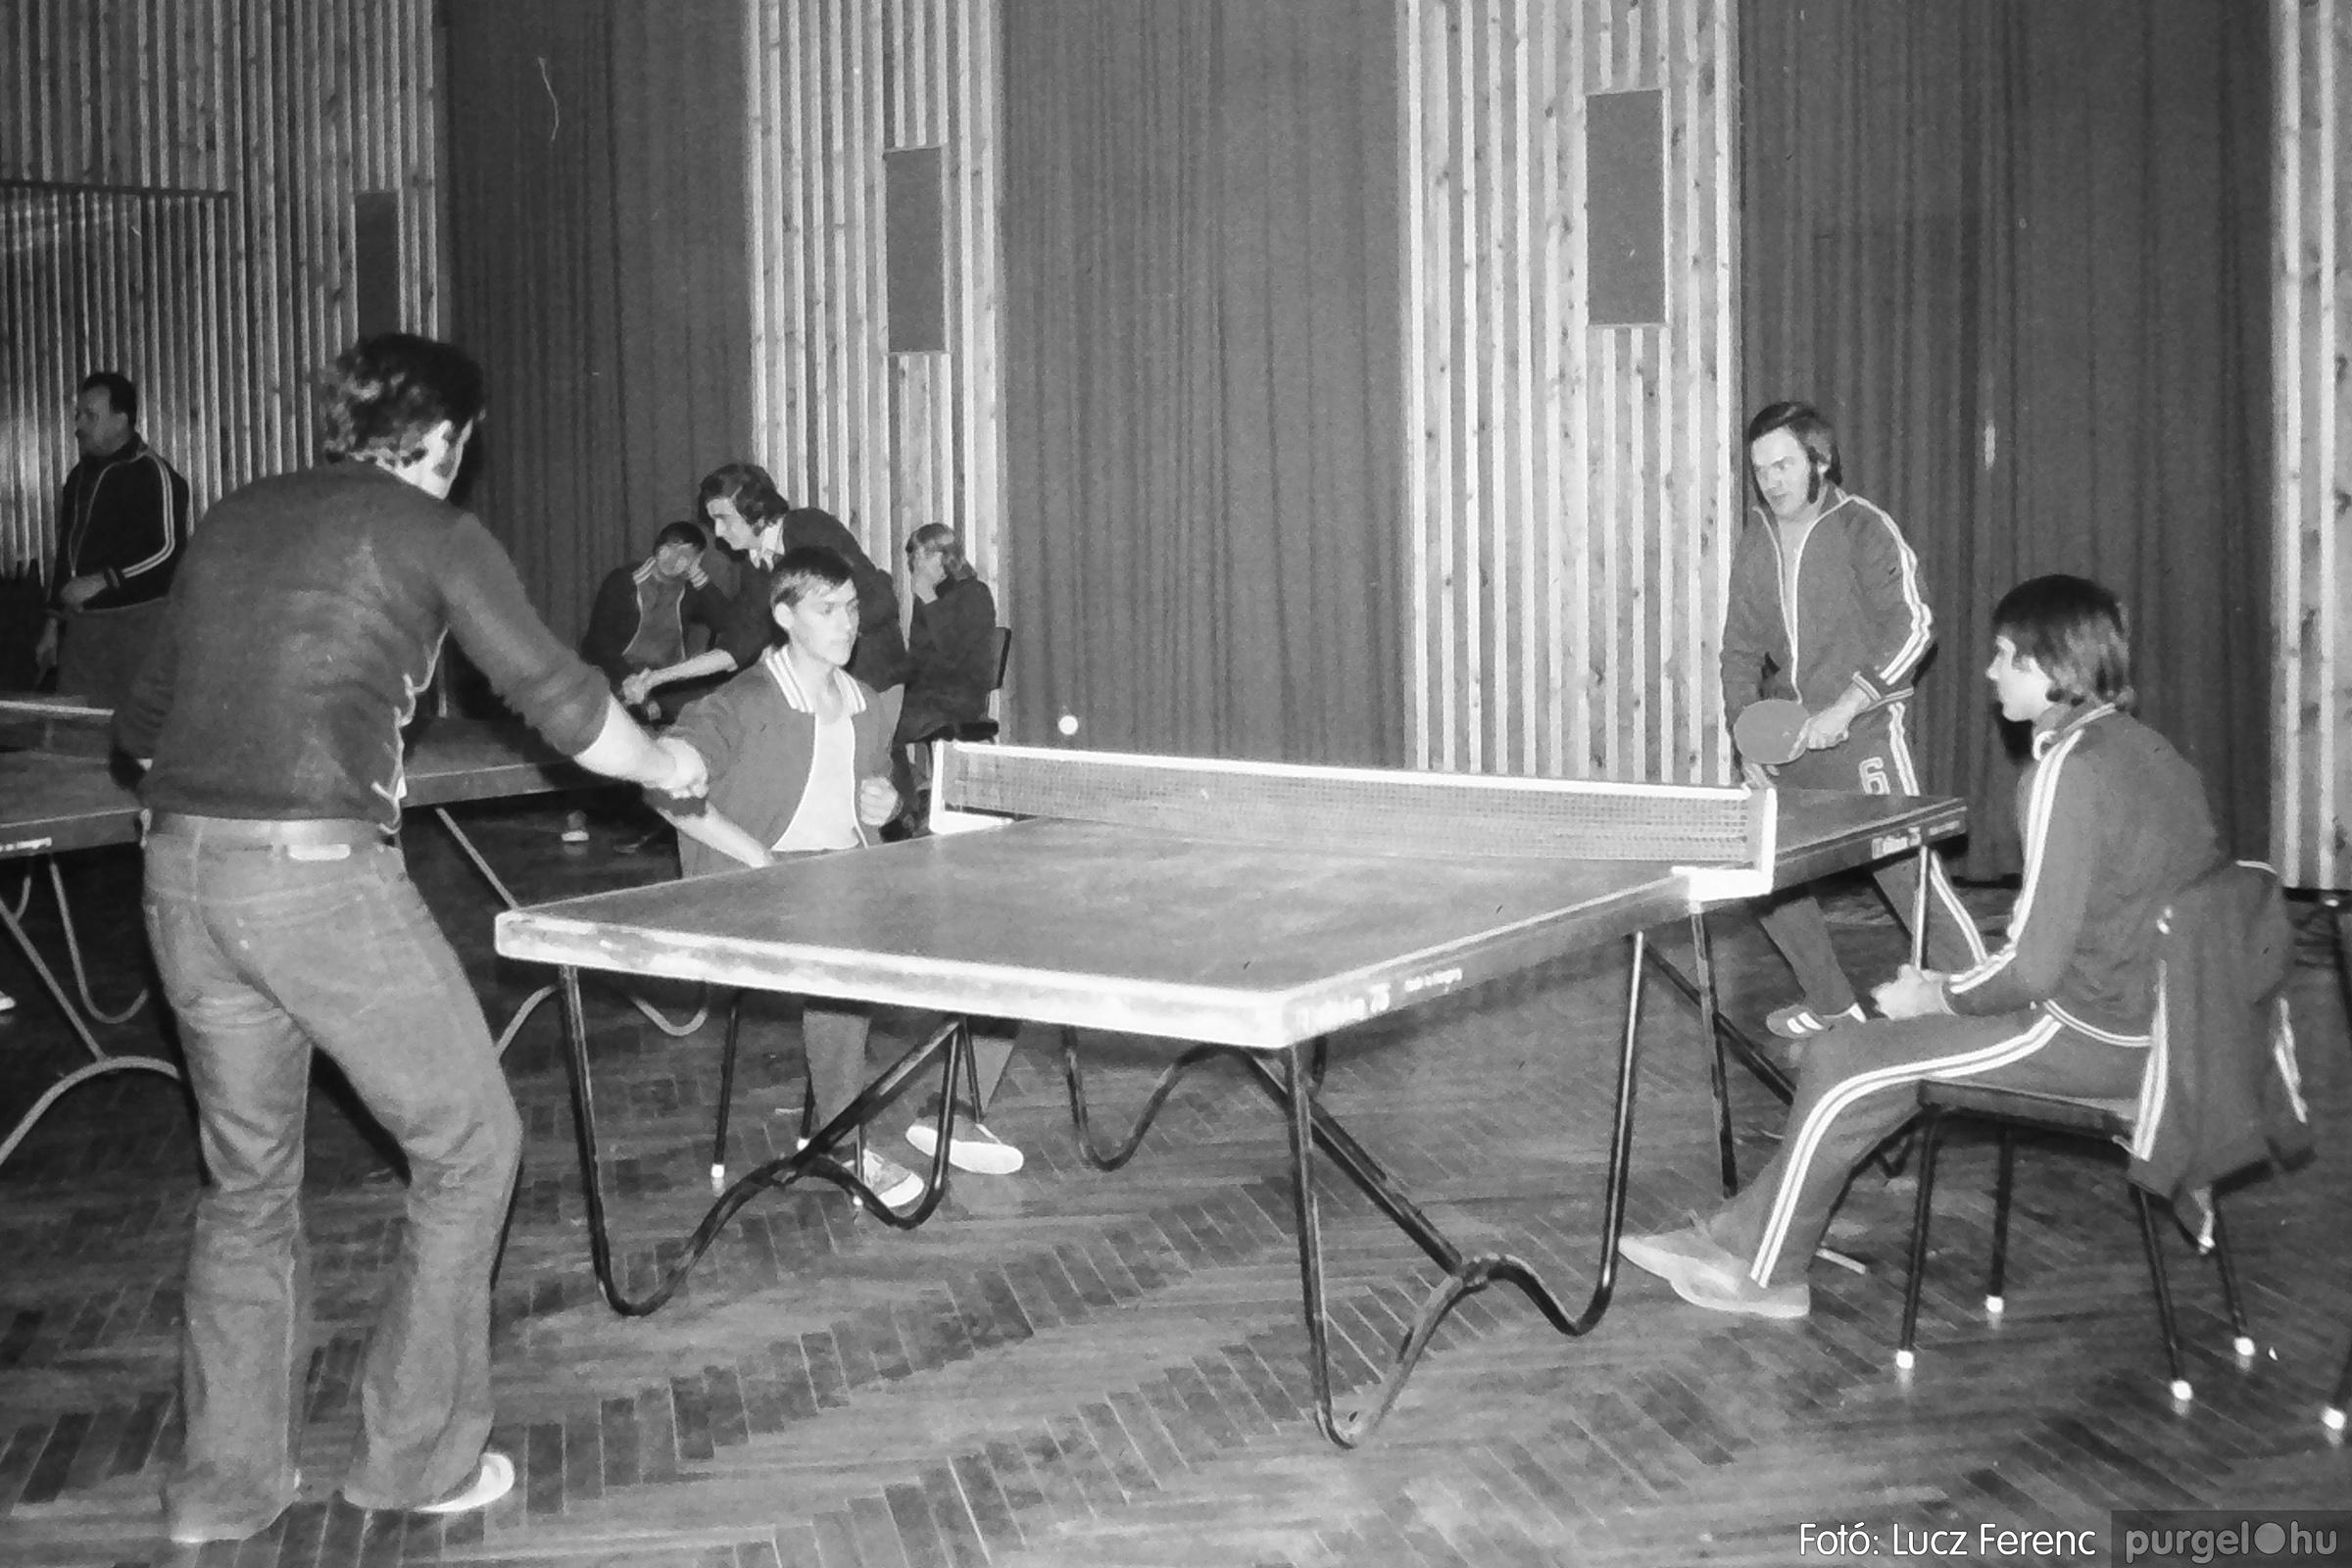 100. 1978. Asztaltenisz verseny 007. - Fotó: Lucz Ferenc.jpg